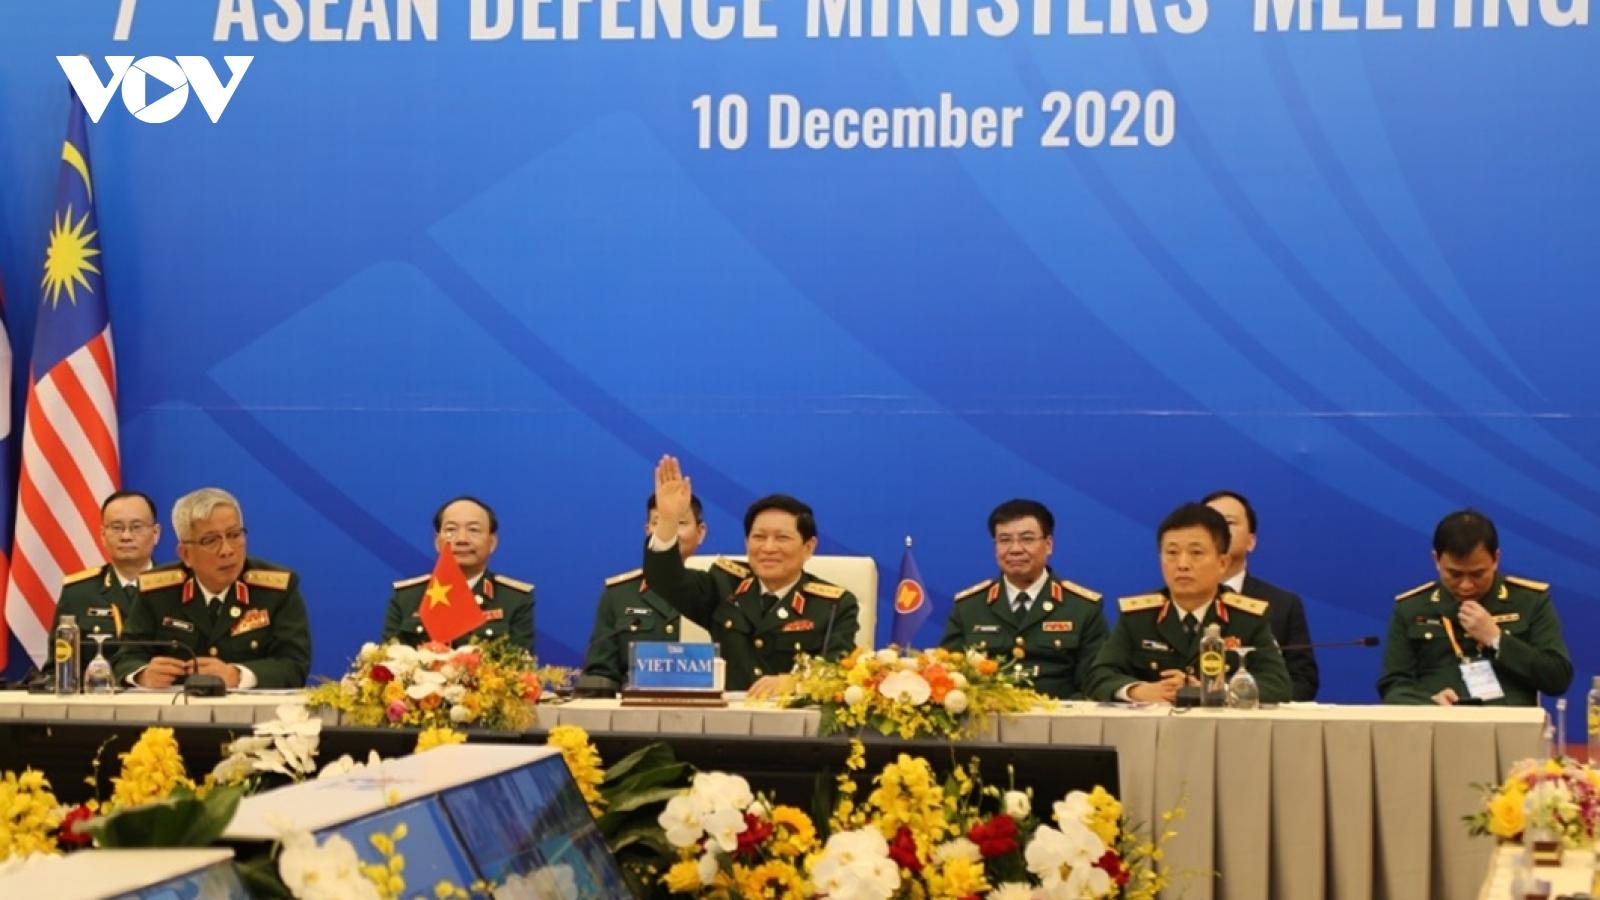 Sau Hội nghị ADMM+ thành công, Việt Nam bàn giao cương vị Chủ tịch ASEAN cho Brunei